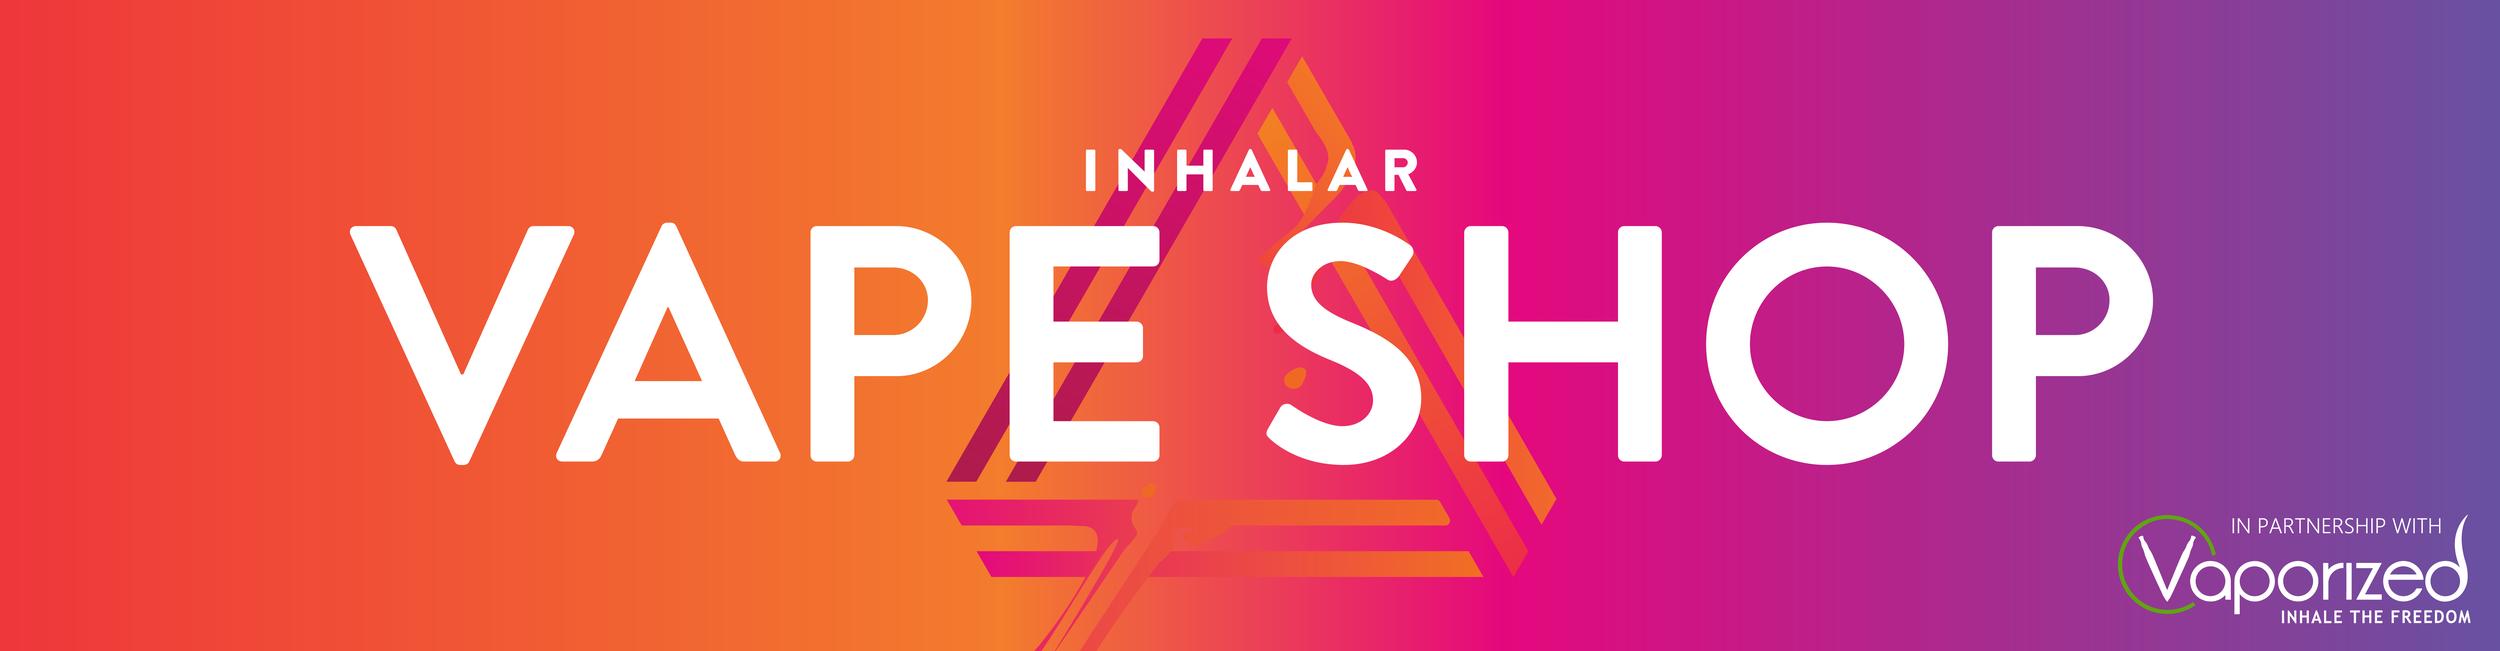 Inhale Ibiza_Website Graphics_Website headers-03.png